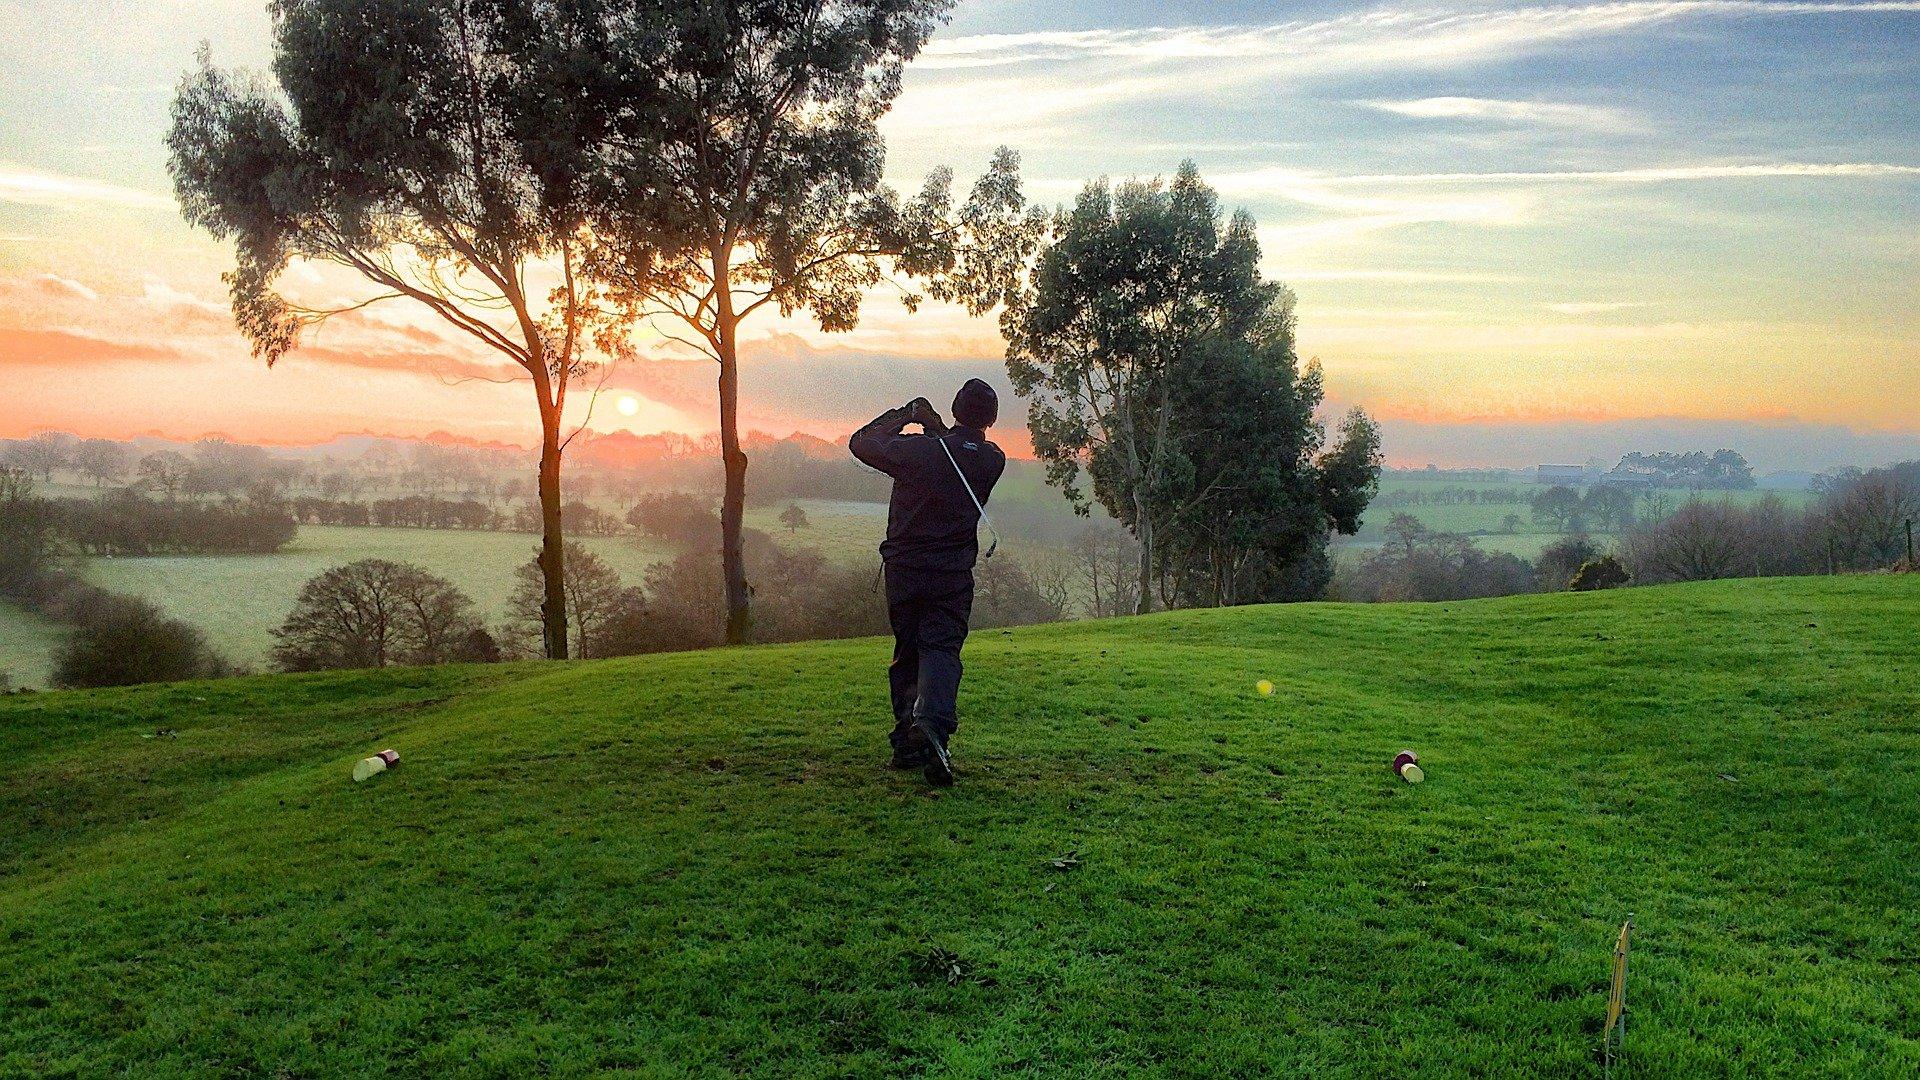 Golfer at sunrise